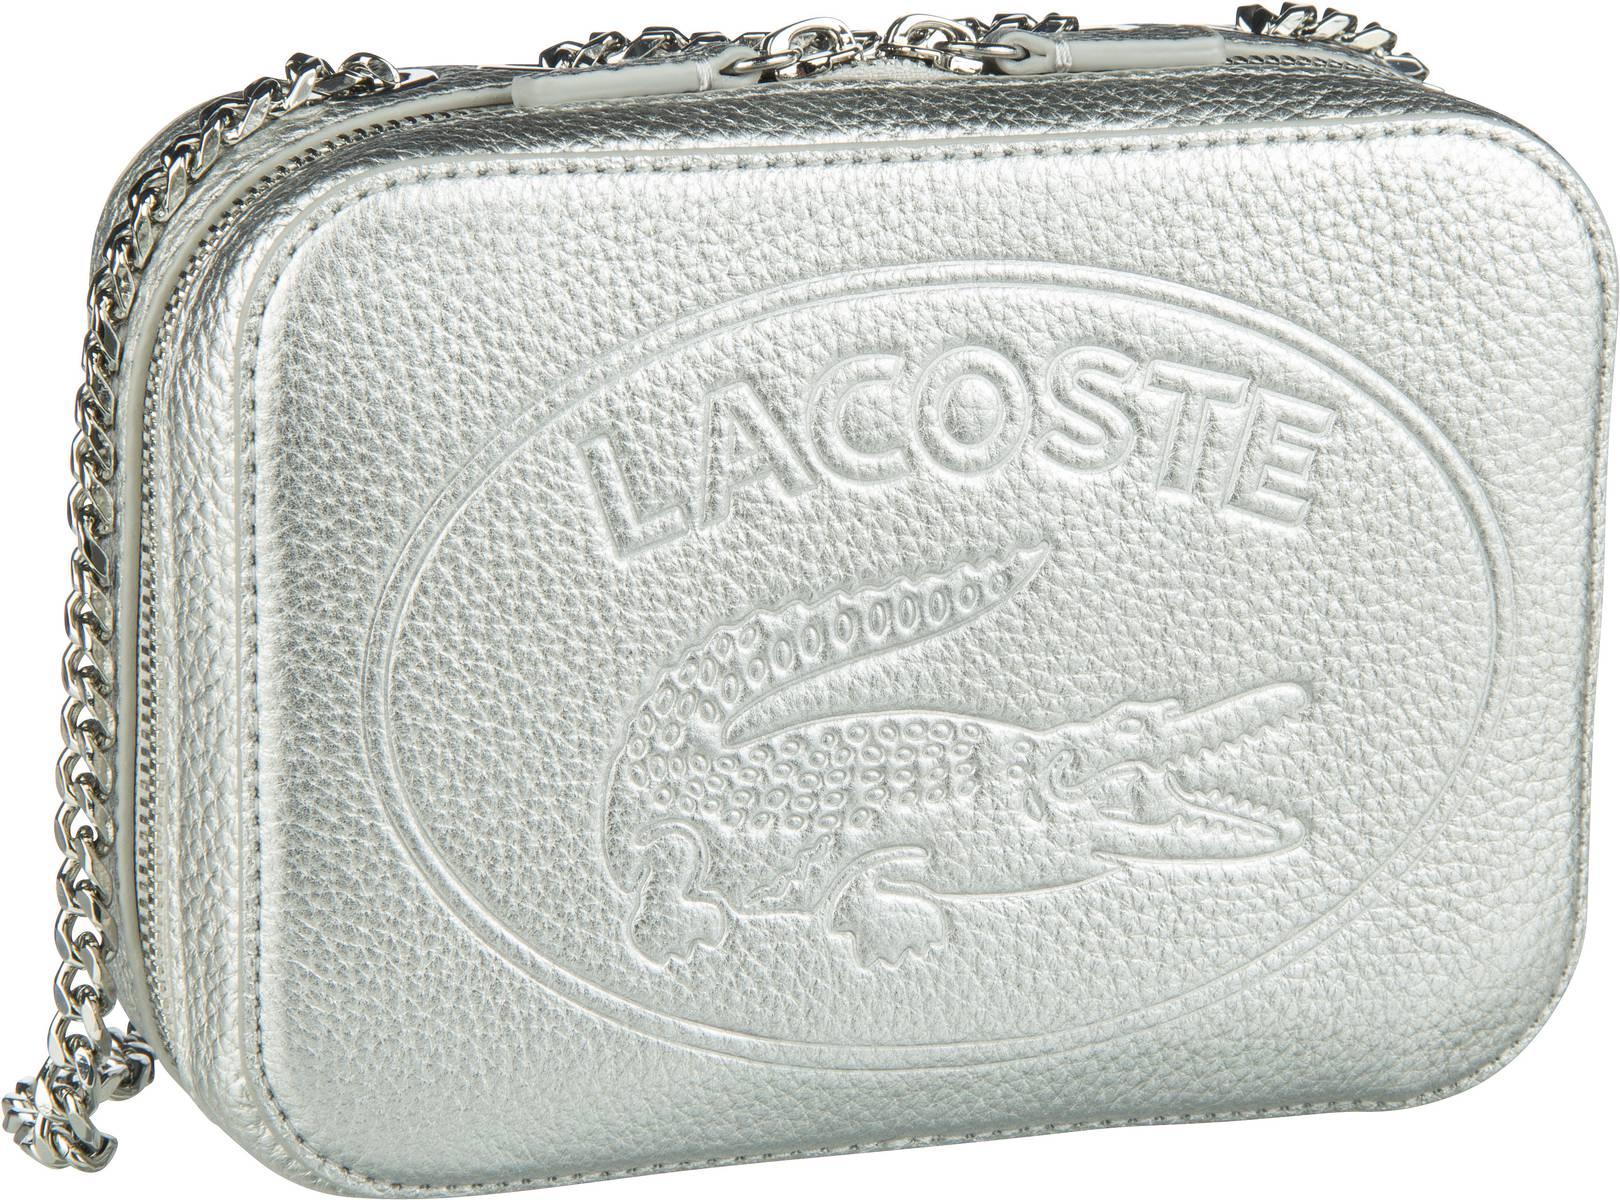 Umhängetasche Croco Crew Crossover Bag 2970 Silver